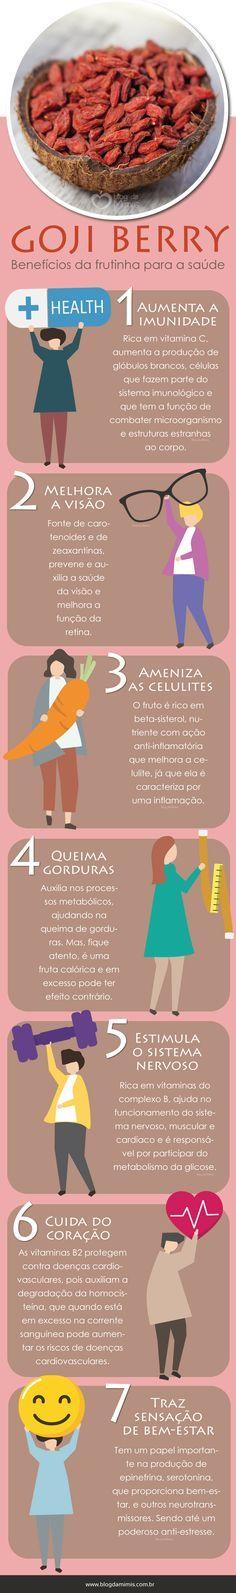 Goji berry: benefícios da frutinha para a saúde - Blog da Mimis #gojiberry #frutassecas #fruta #vermelha #saúde #dieta #alimentação #emagrecer #blogdamimis